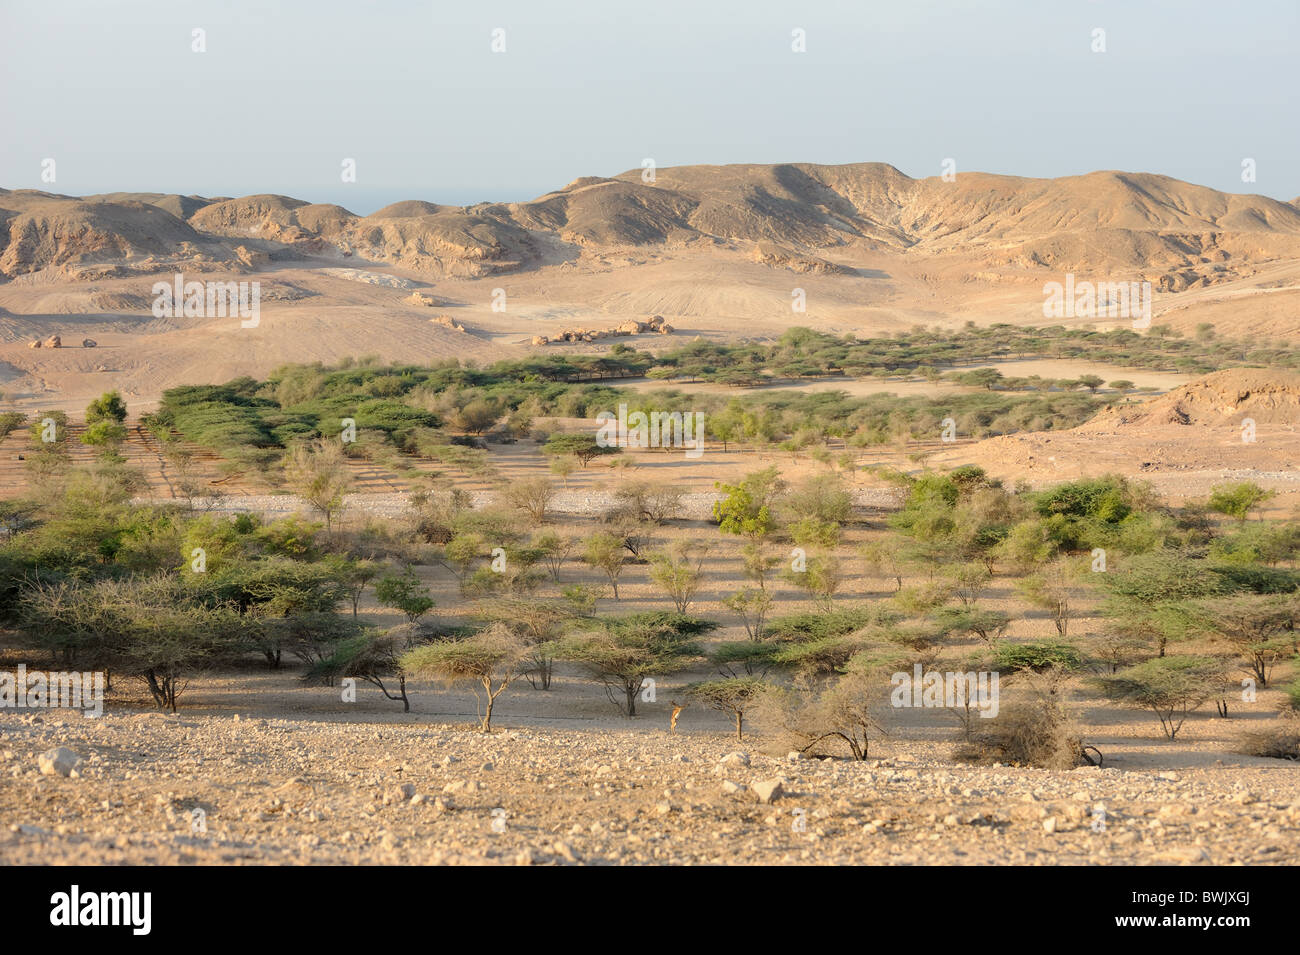 Acacia e altri alberi irrigati con acqua dissalata su Sir Bani Yas Island Riserva Naturale, EMIRATI ARABI UNITI Immagini Stock